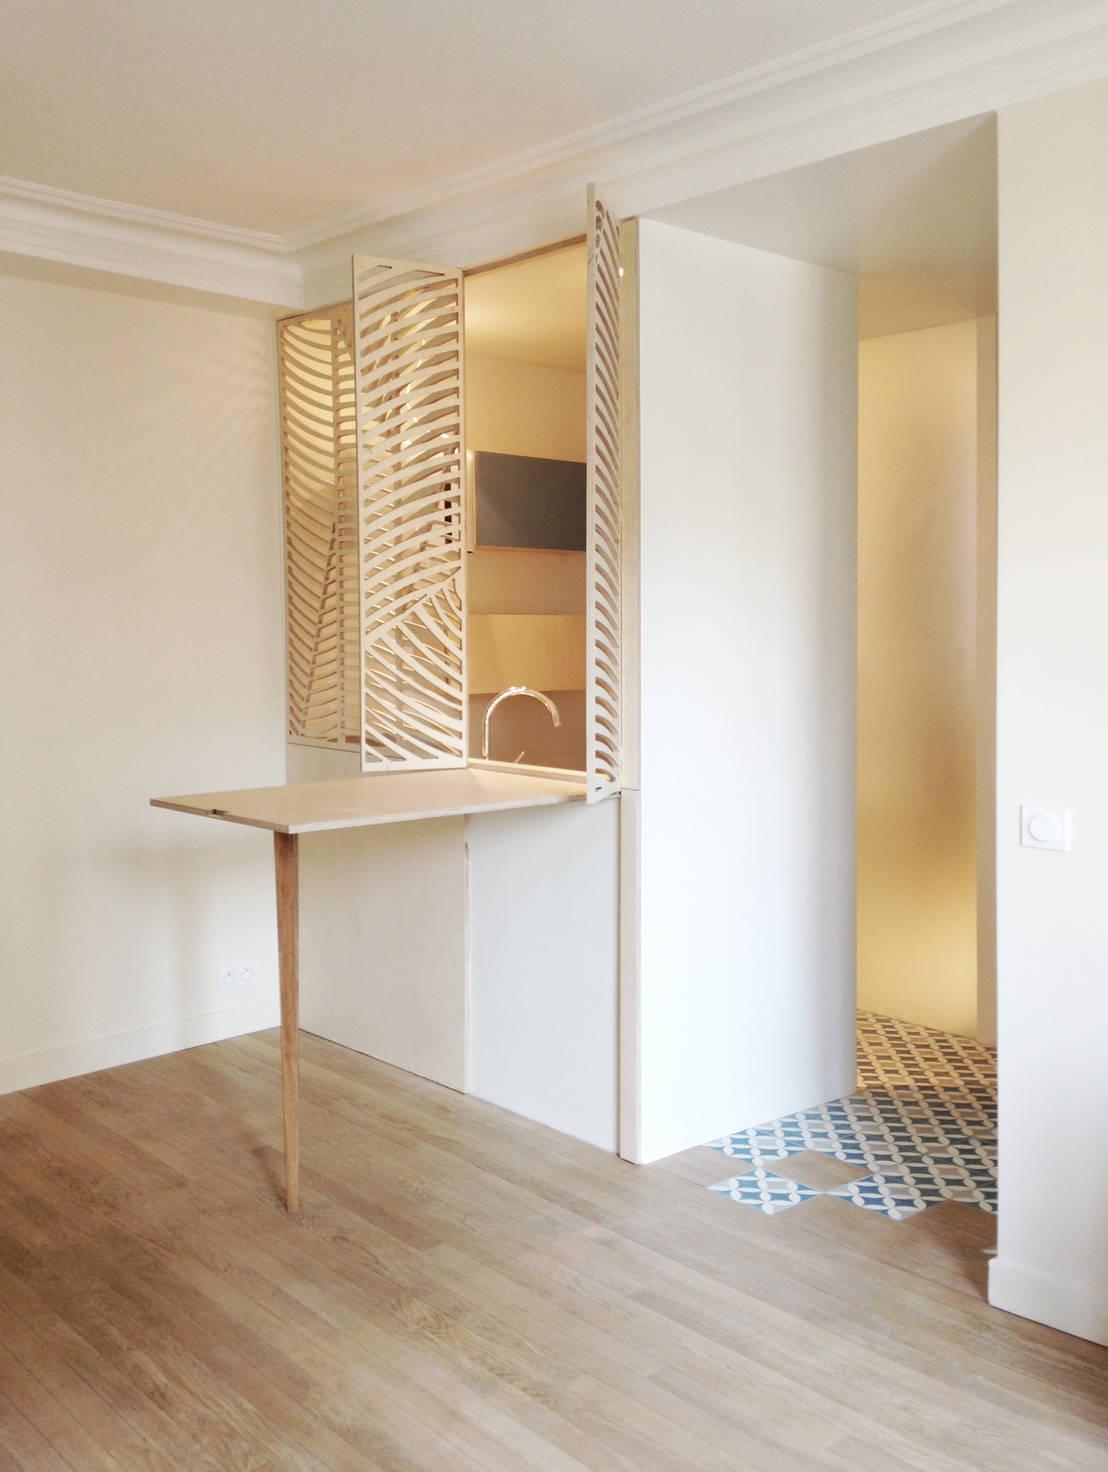 Il progetto salvaspazio di un mini appartamento di 50 mq for Mini case interni